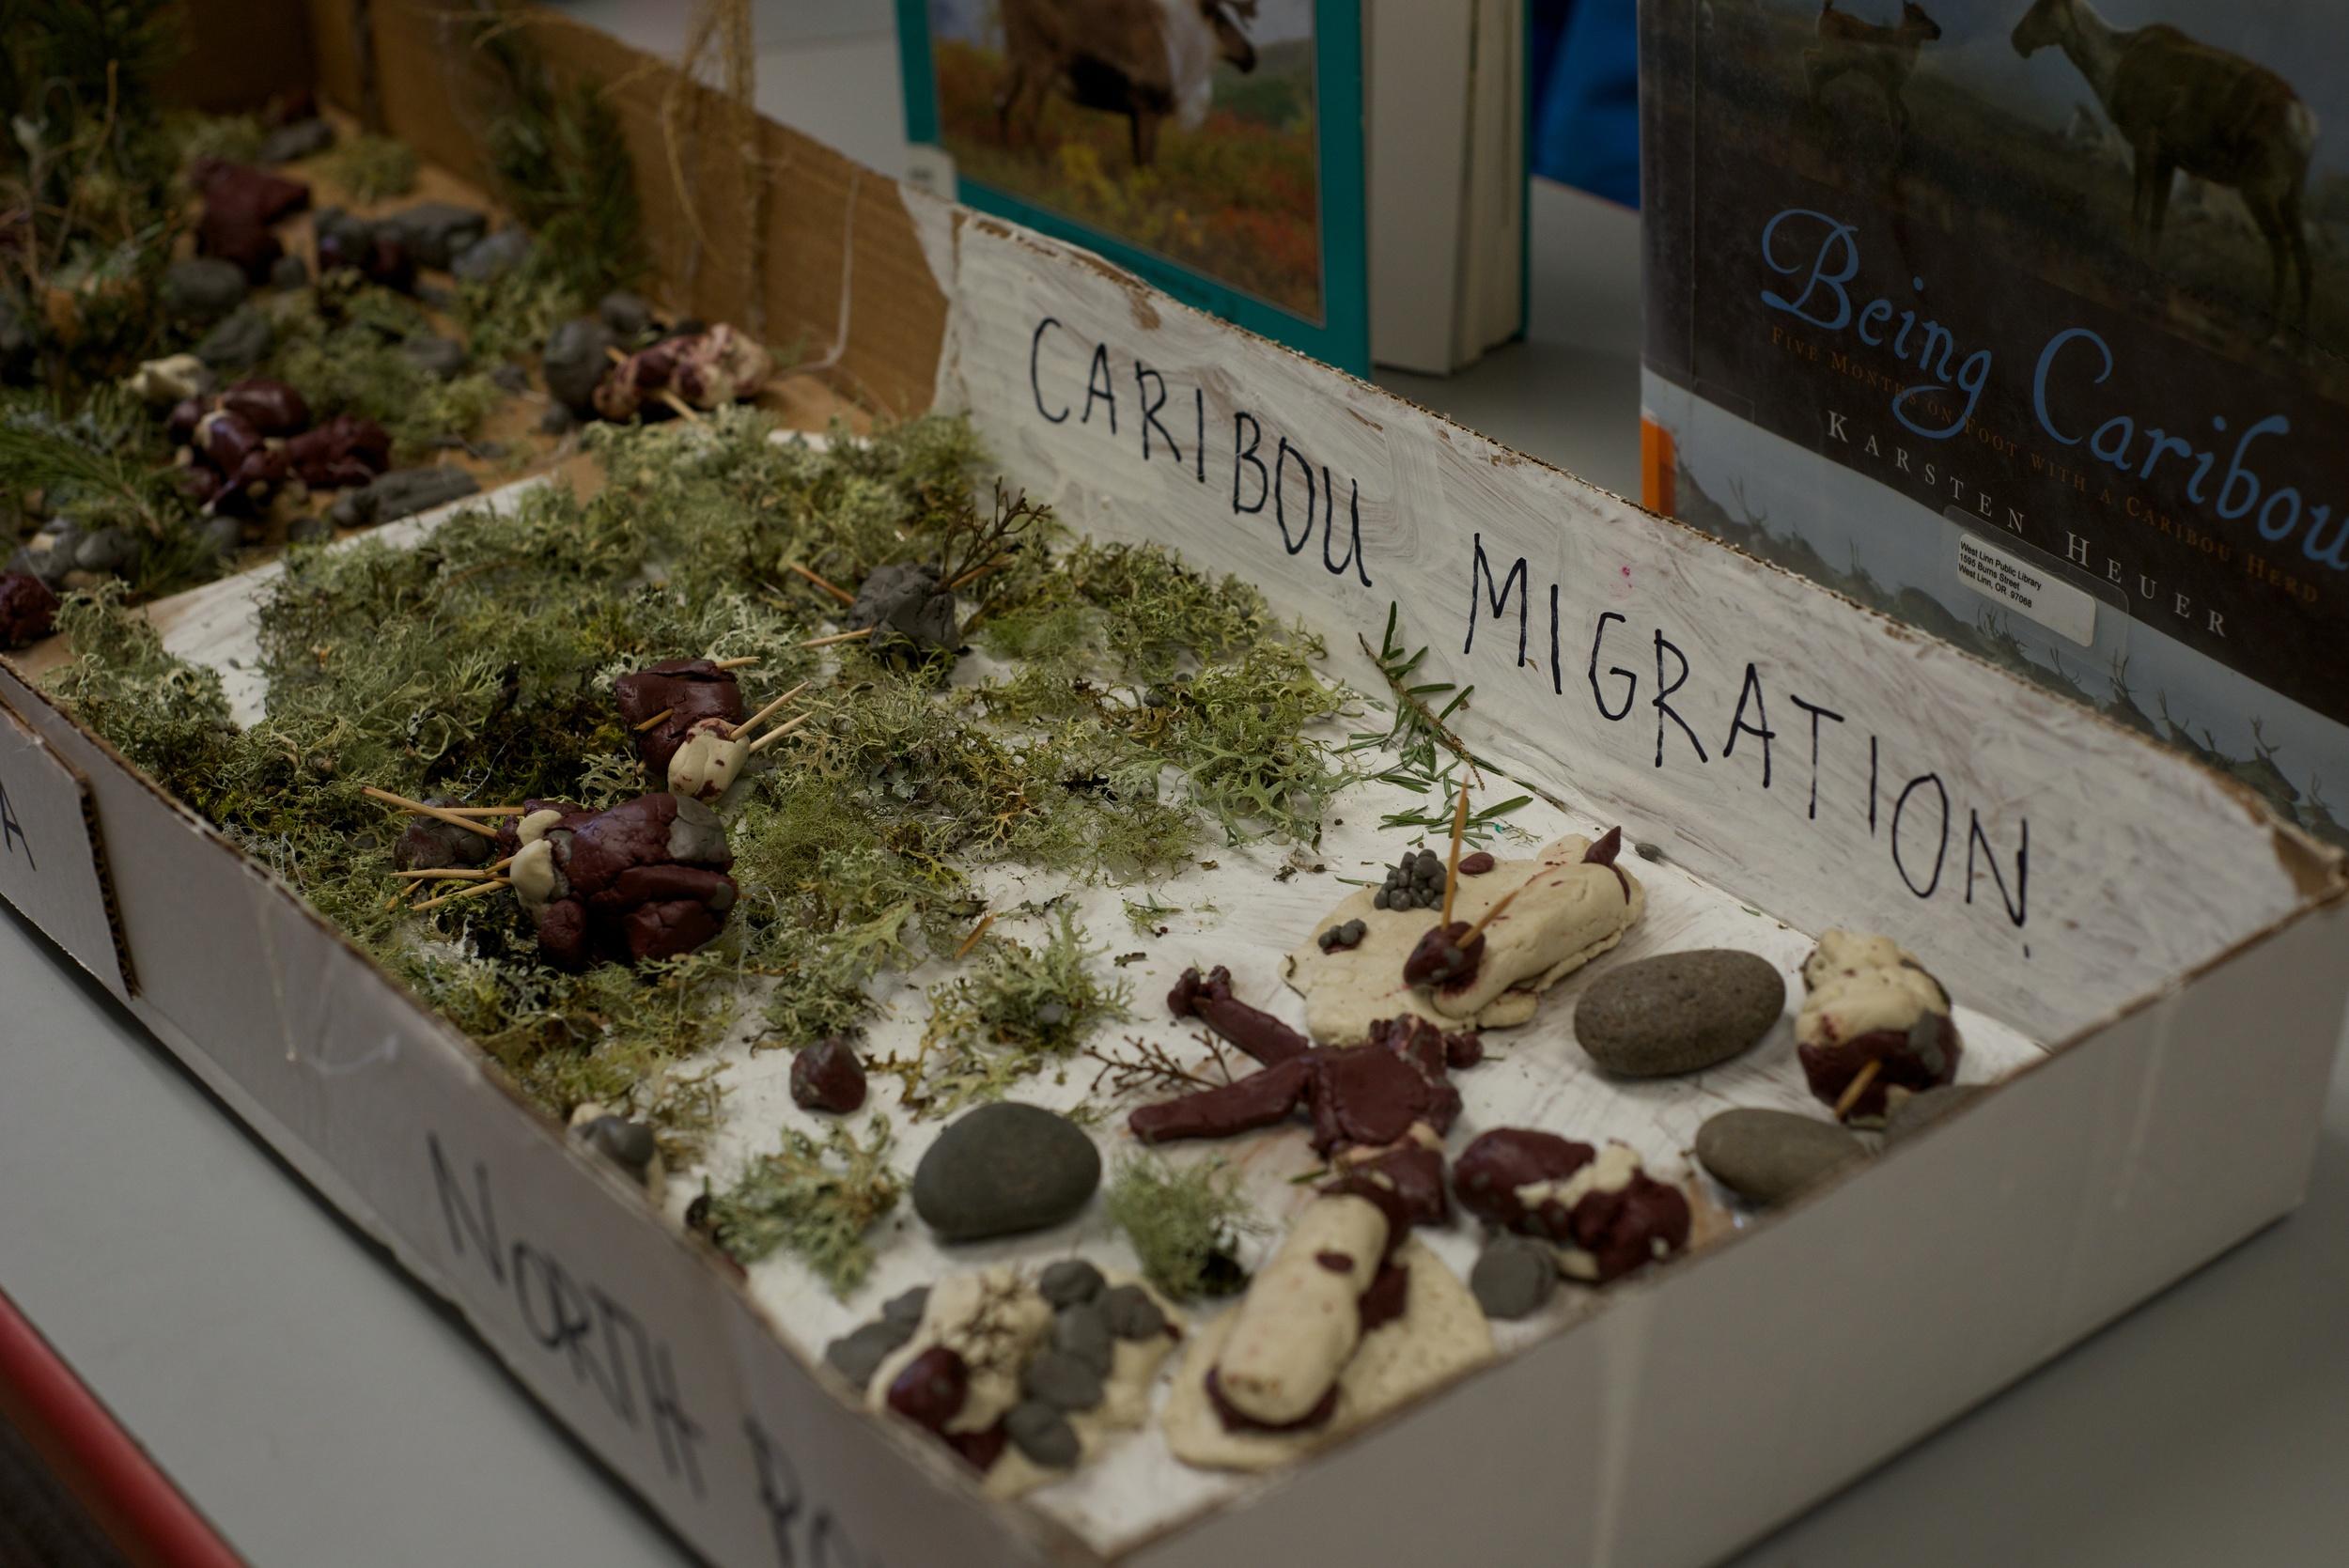 Caribou Migration.jpg